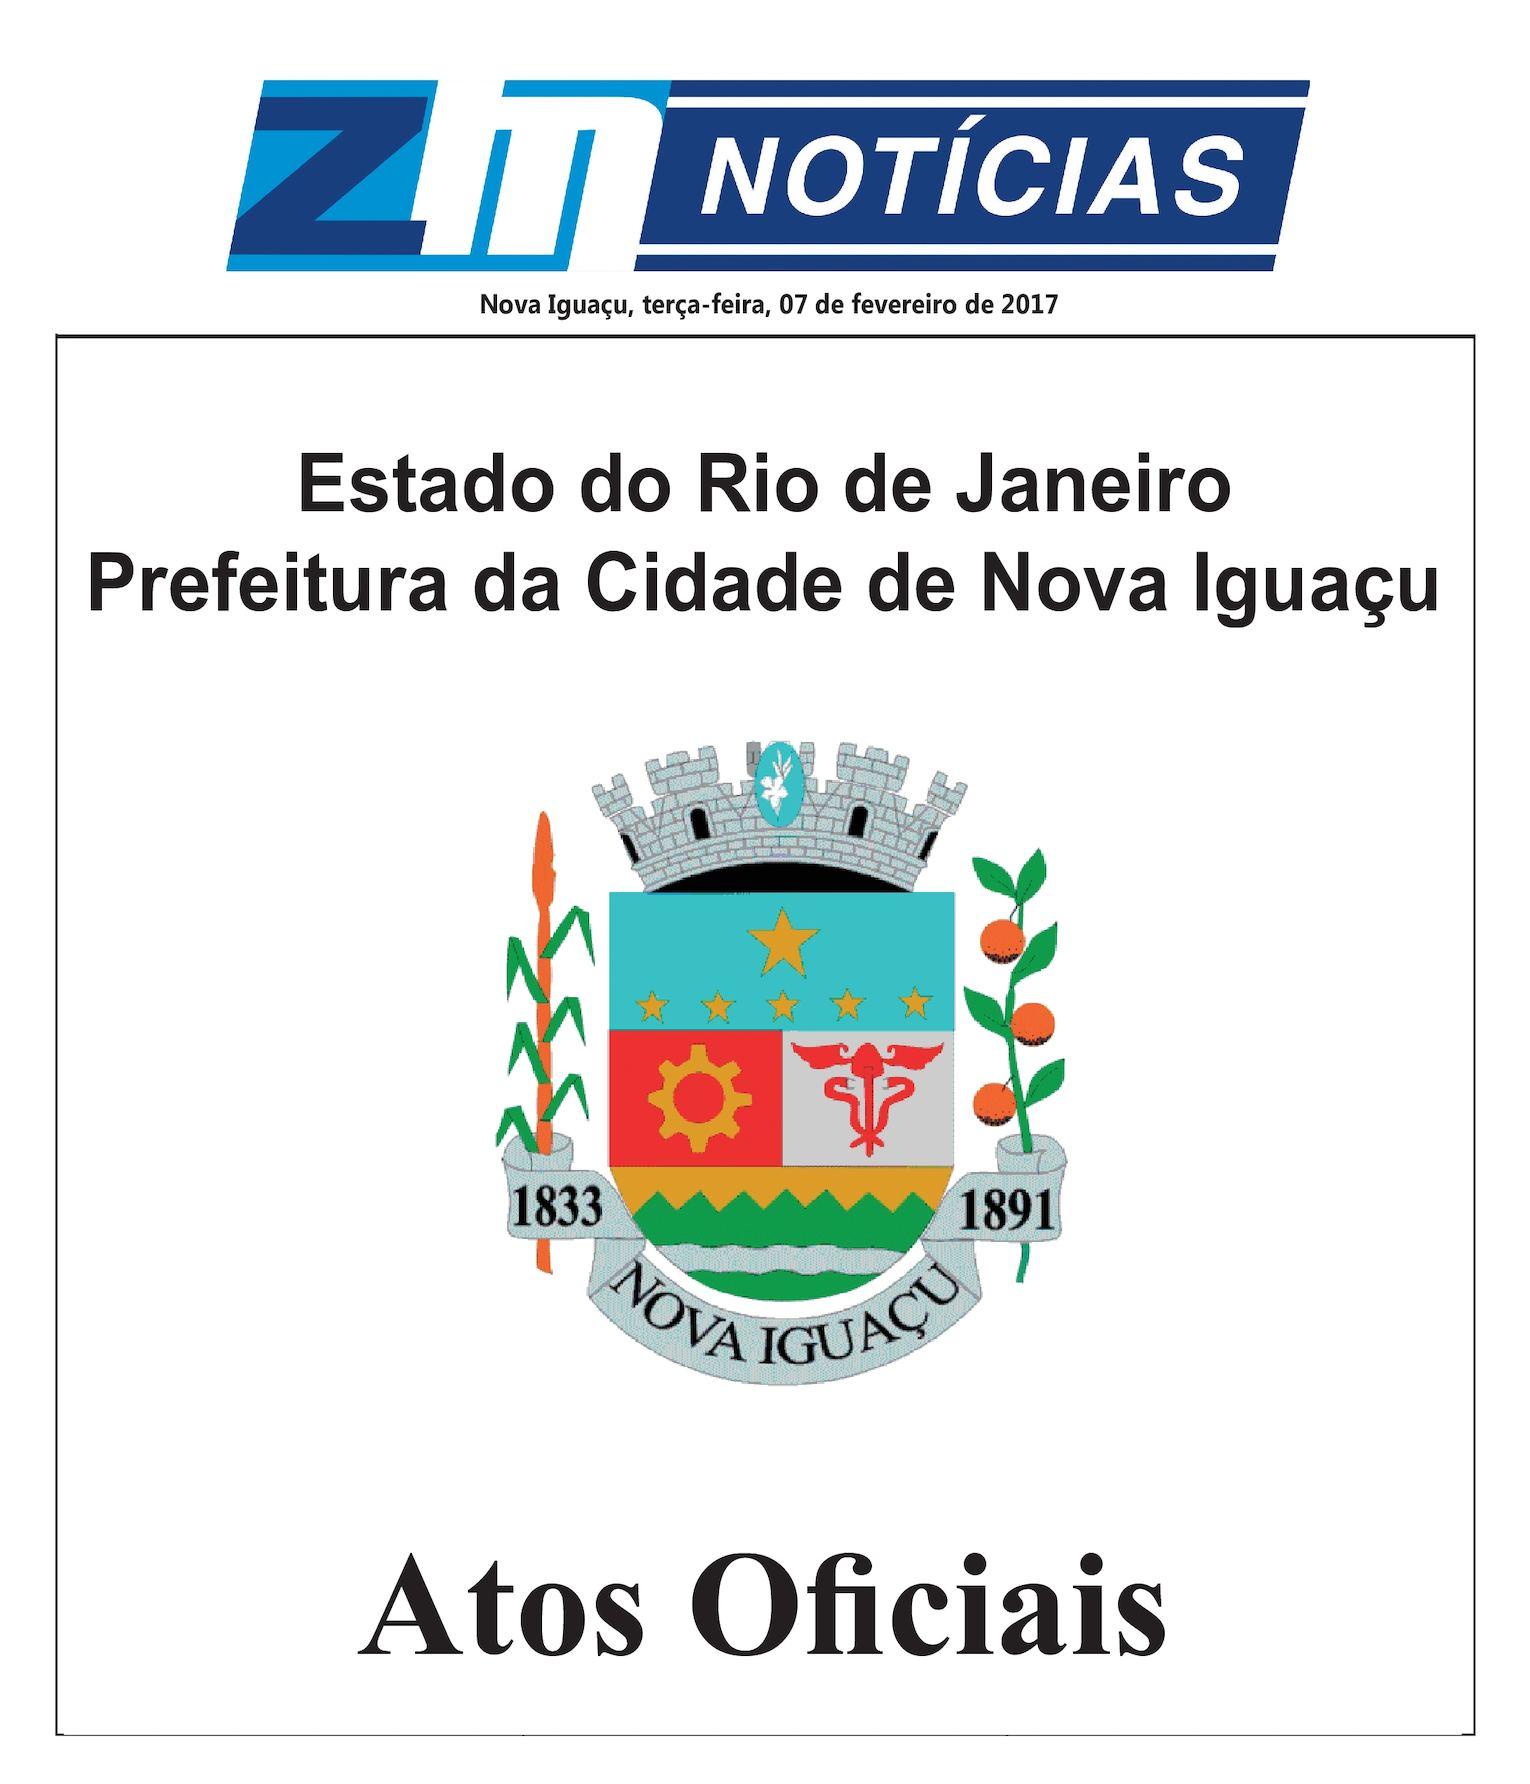 P C N I Atos Oficiais 070217